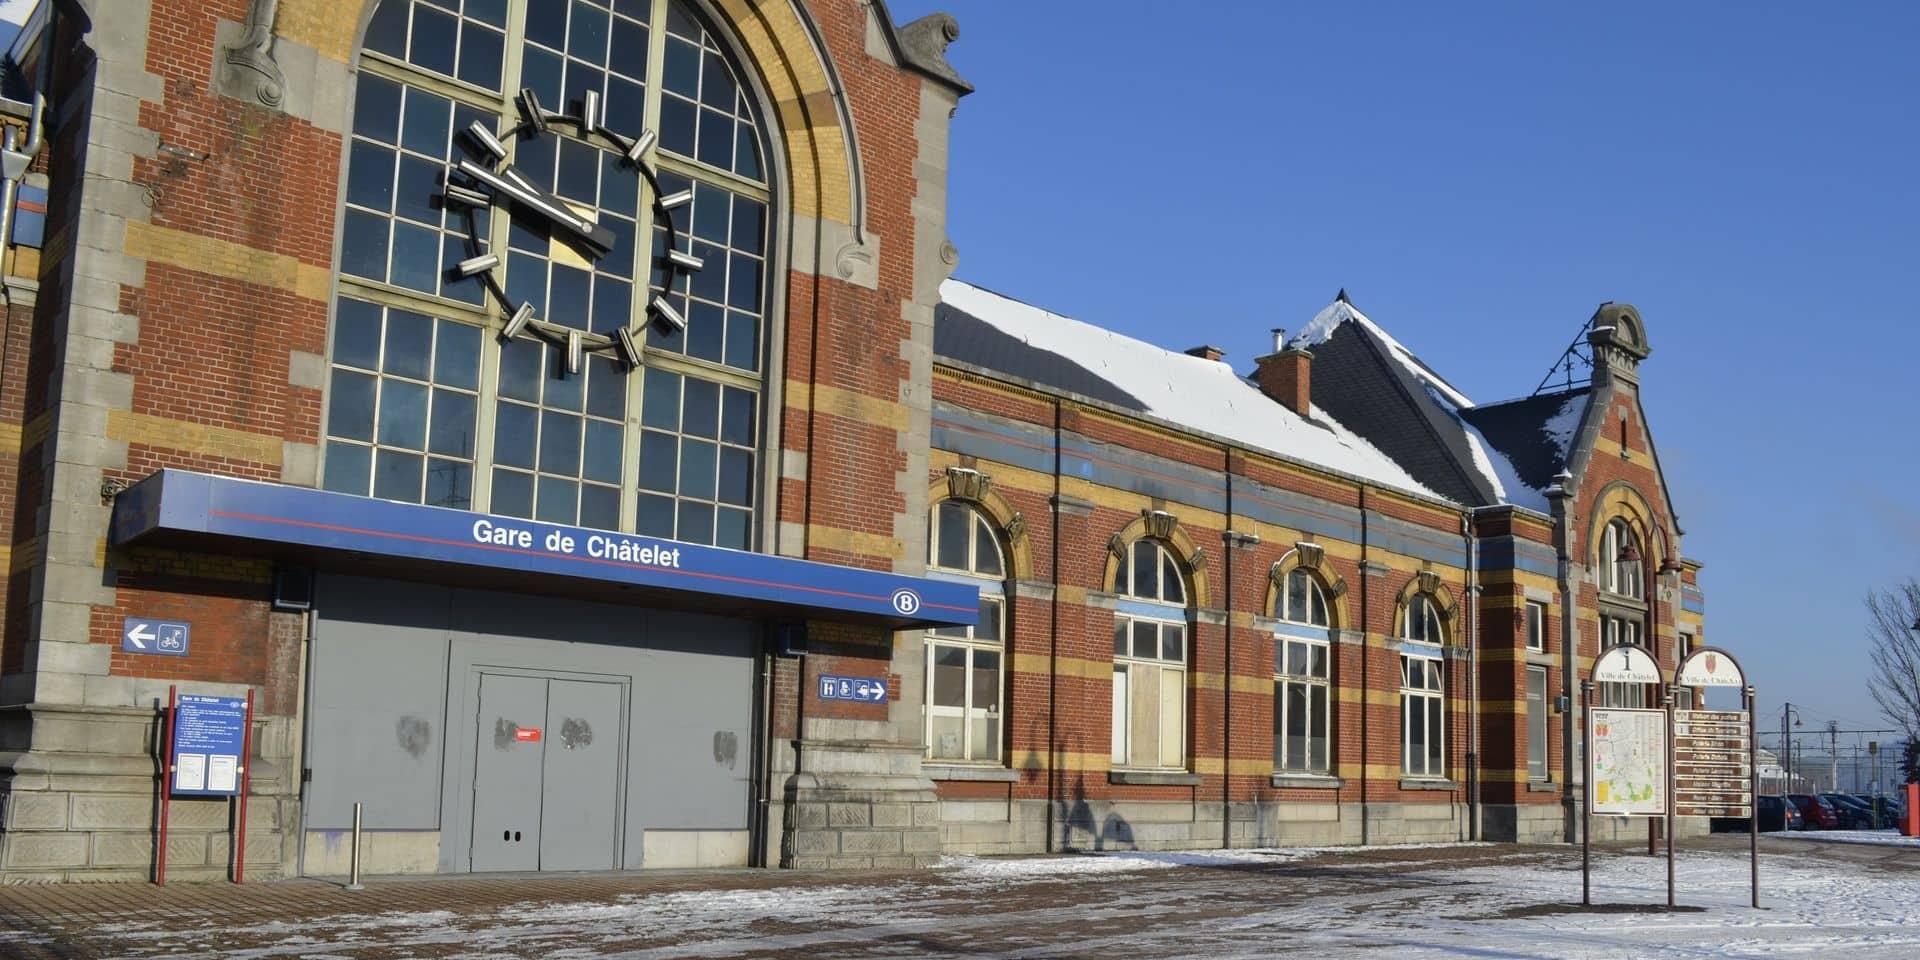 Sans guichet, que devient la gare de Châtelet ?